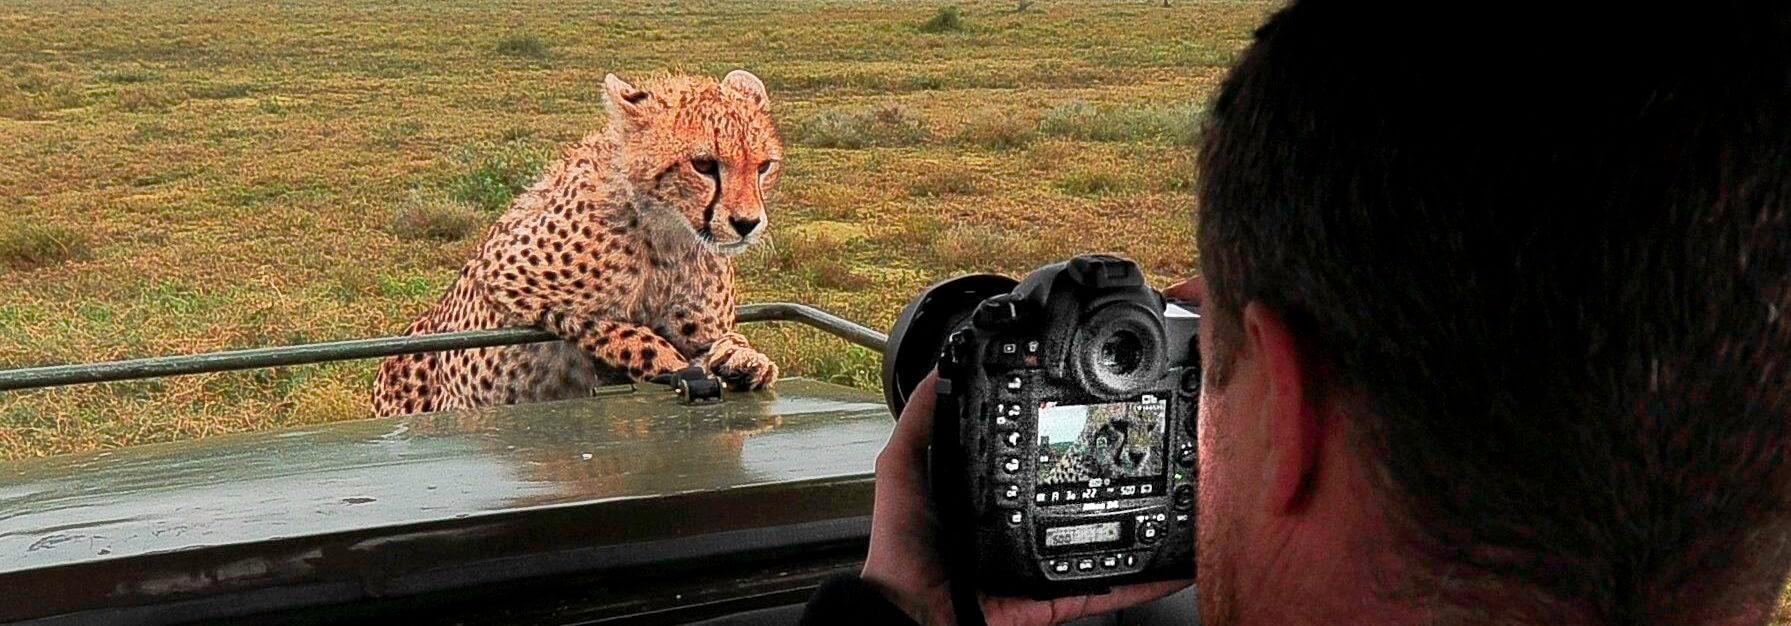 Tanzania safari and Zanzibar Cheetah cub Serengeti Tanzania